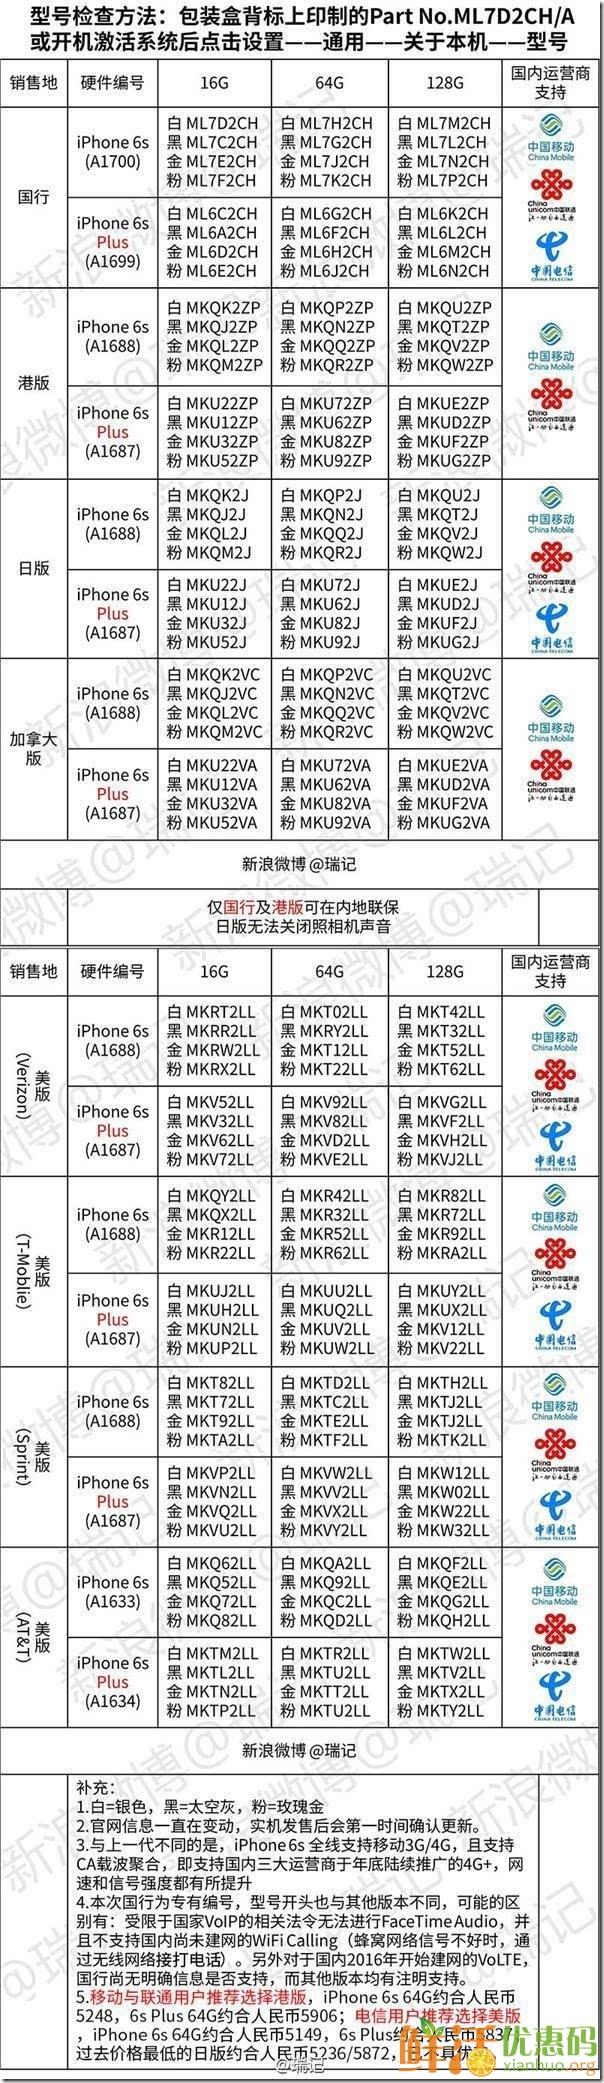 iphone6s多少钱 iphone6s各国价格 iphone6s各国售价 iphone6s各国报价 iphone6s各国价格对比